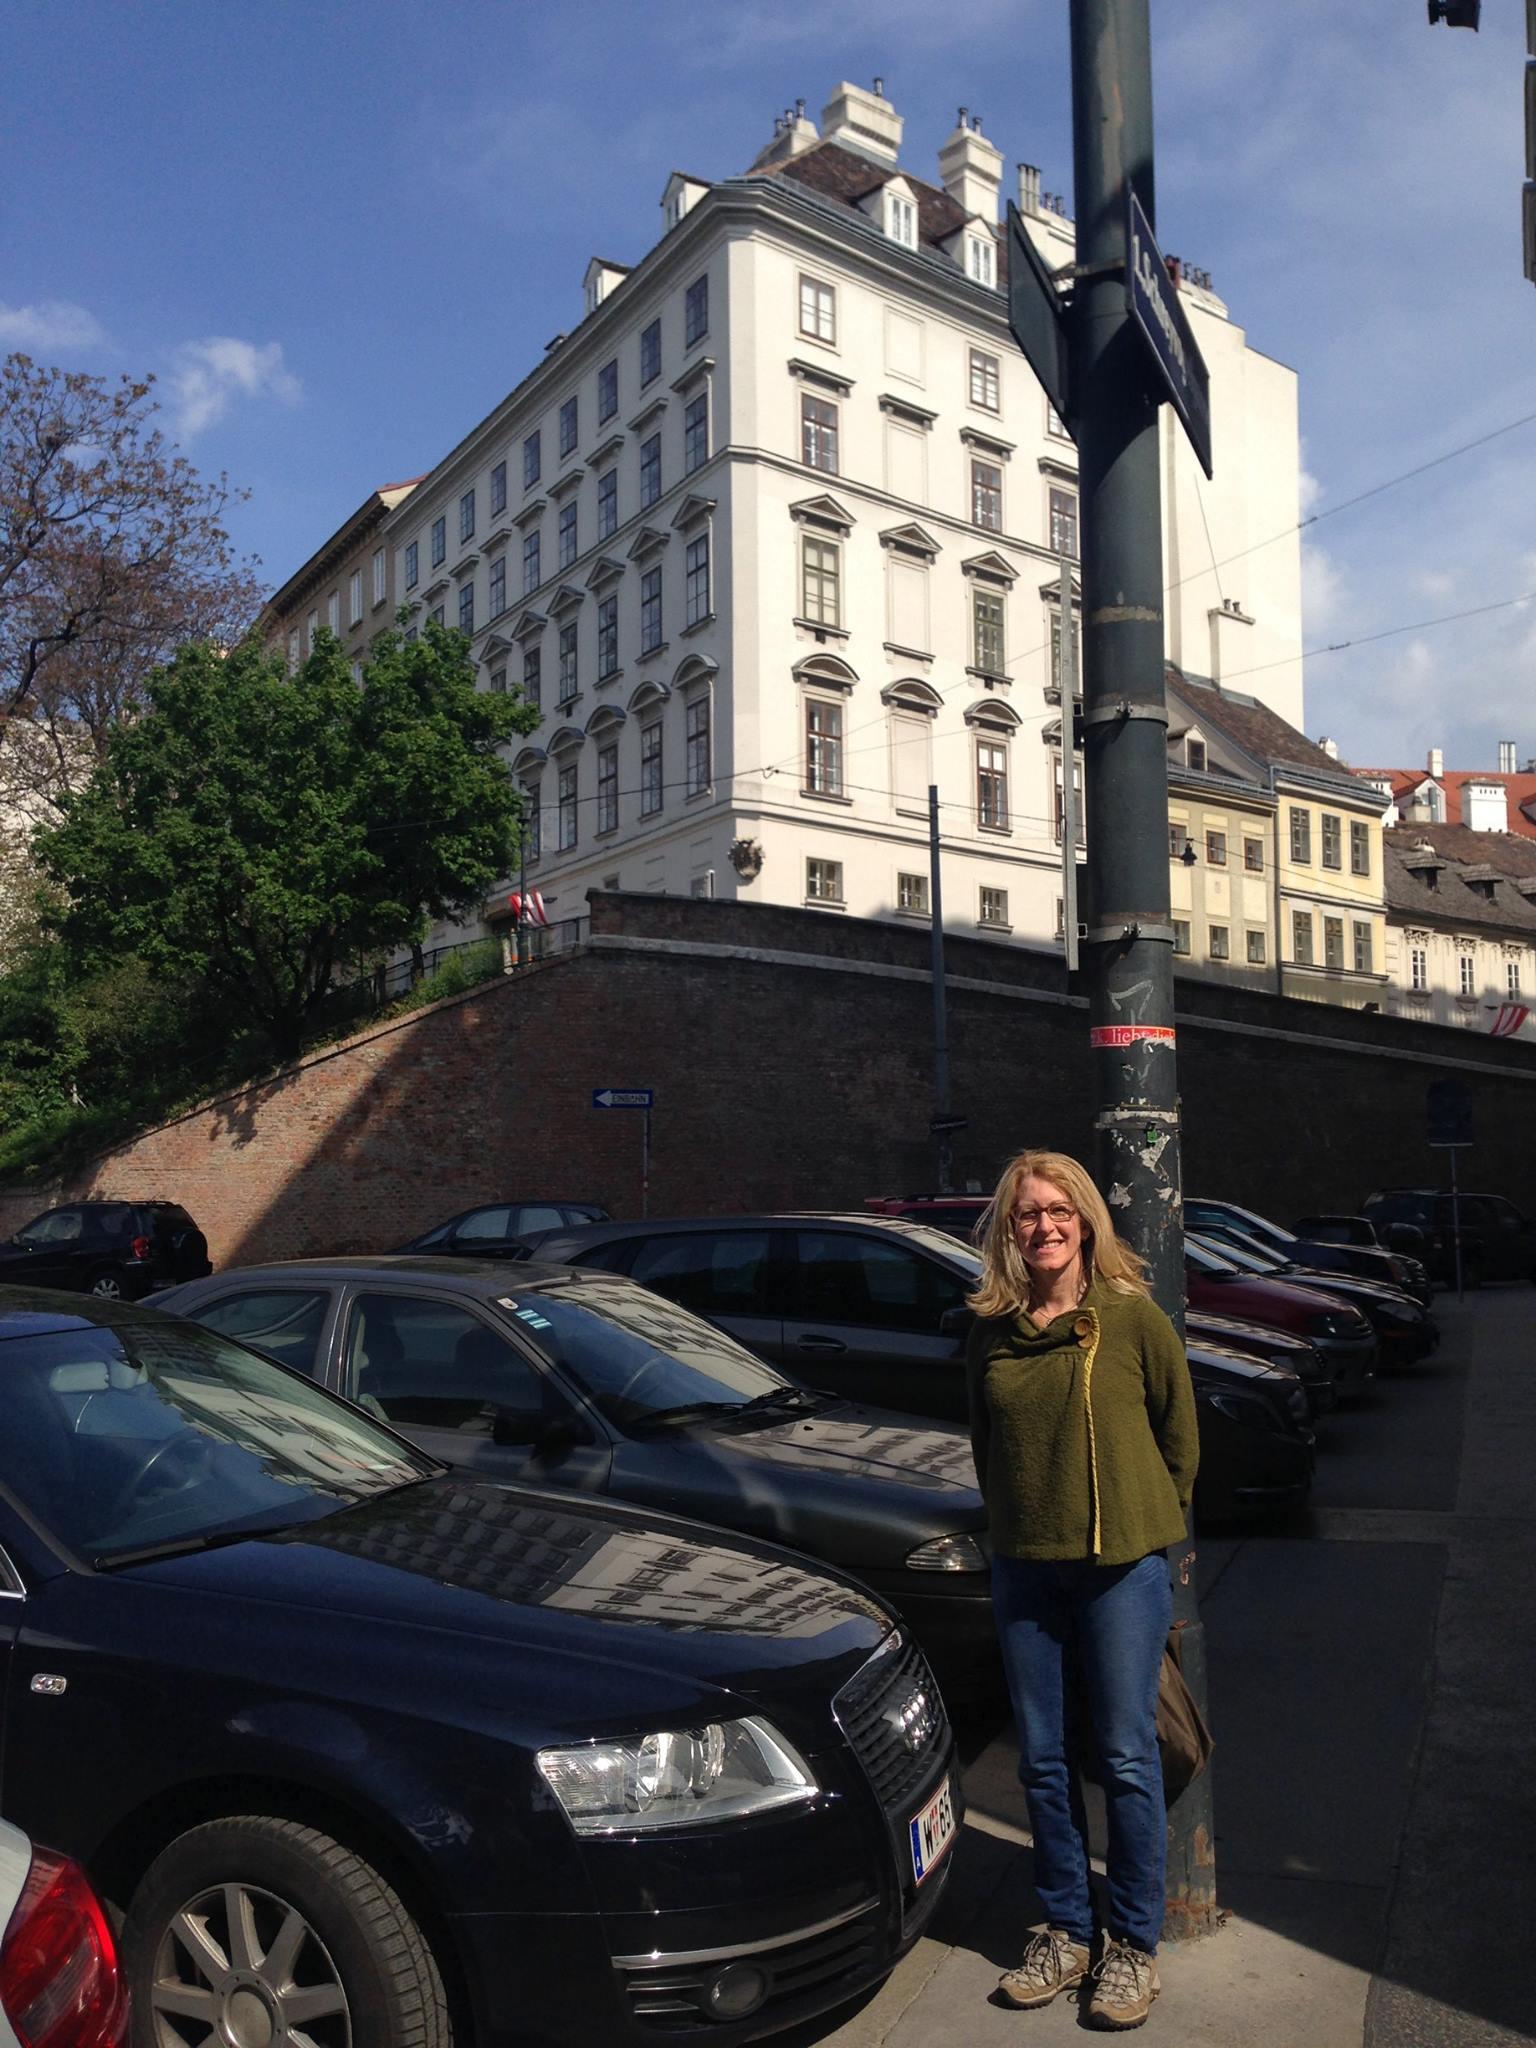 Viennese Innere Stadt District